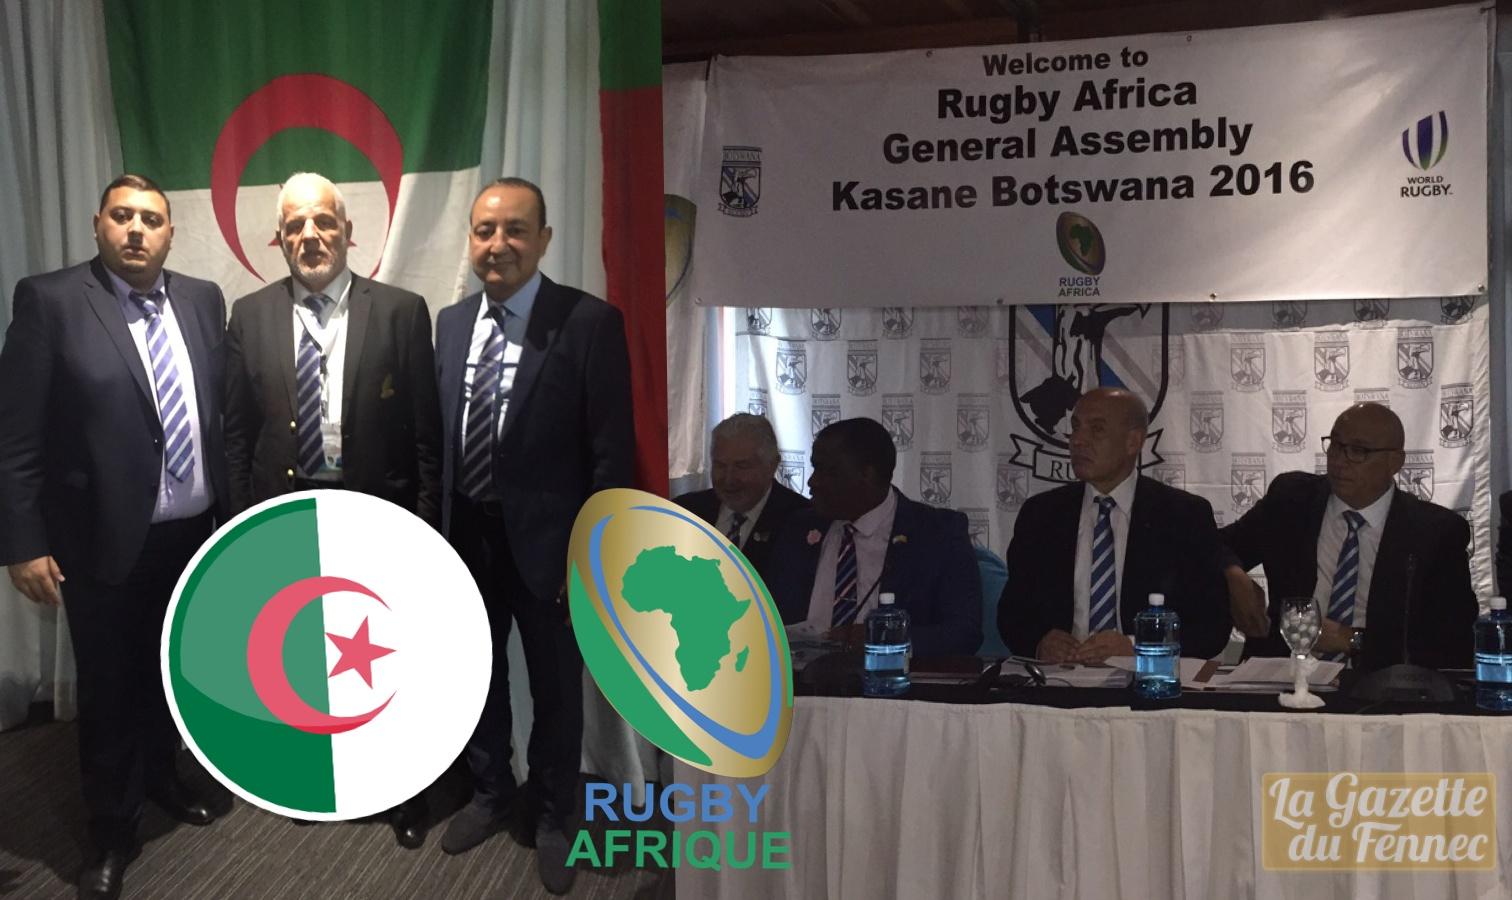 La jeune Fédération algérienne de rugby officiellement admise au sein de la Fédération africaine